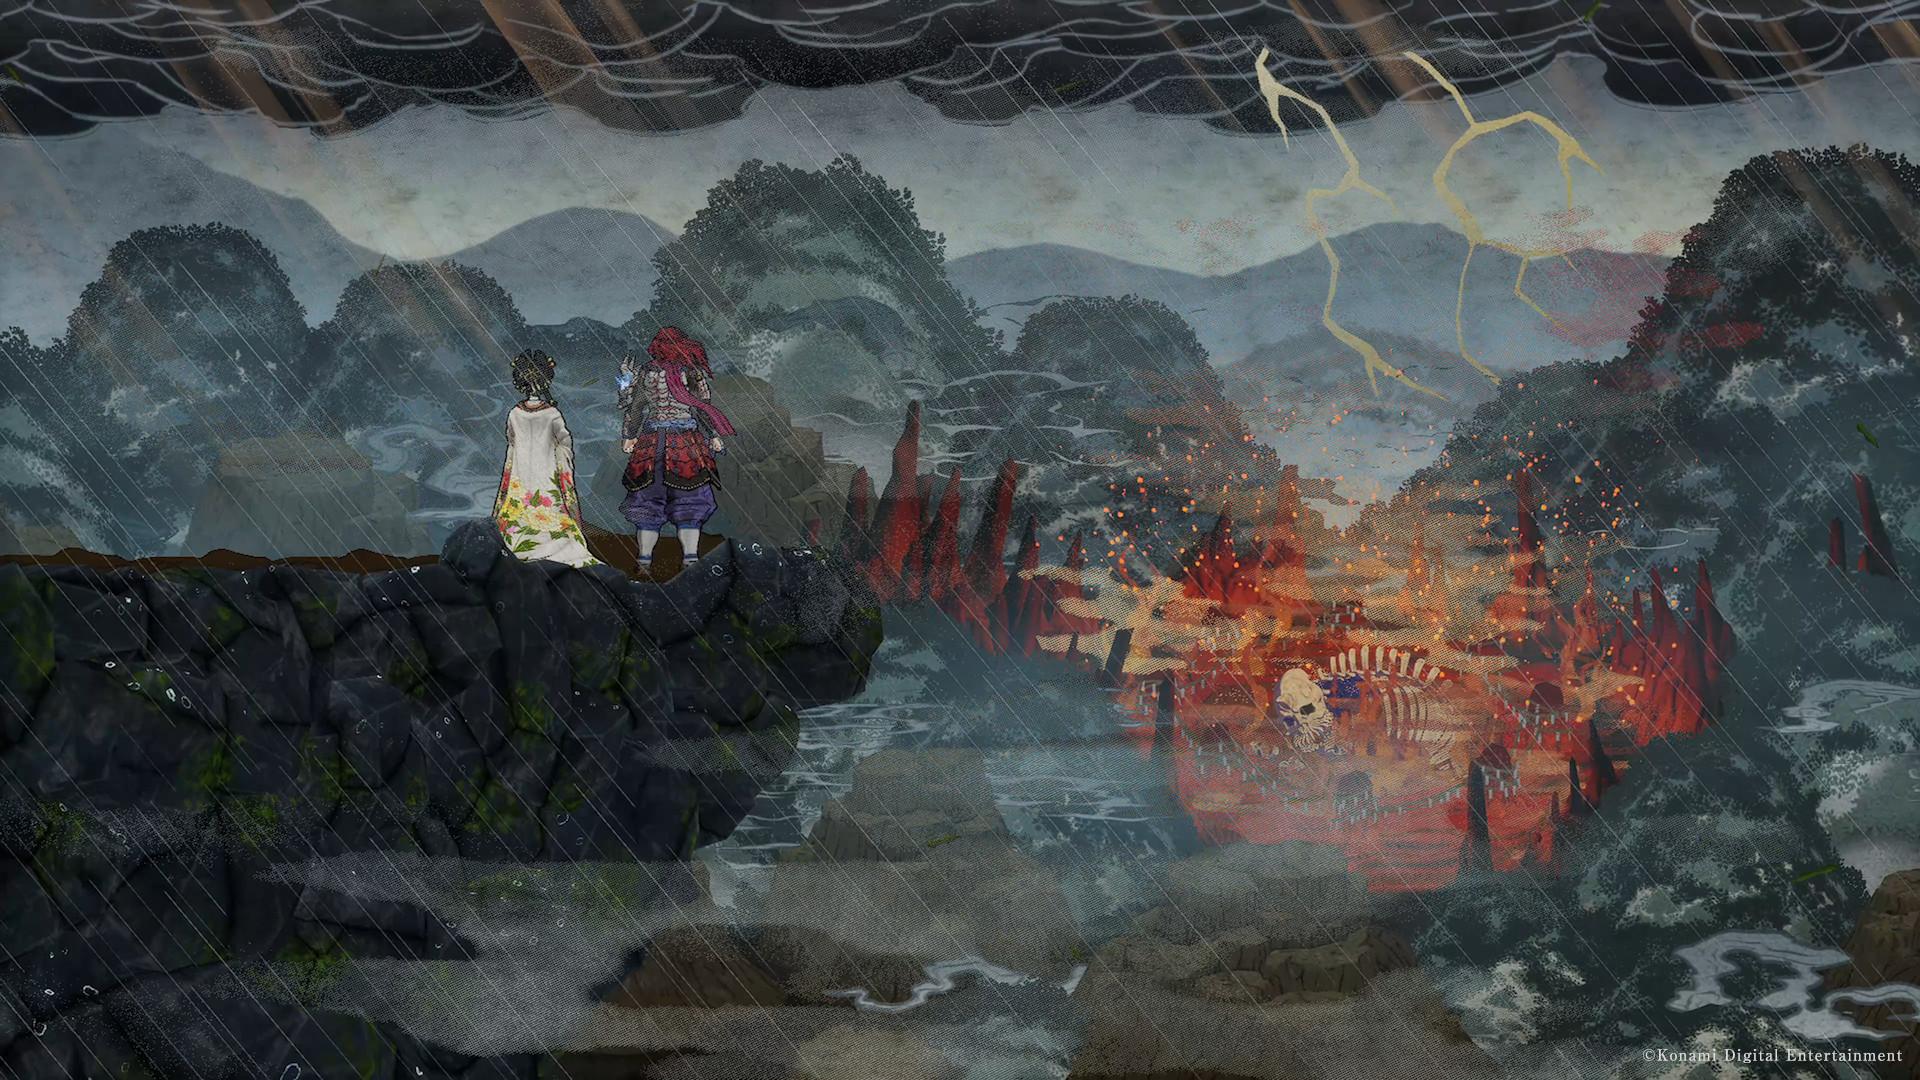 月风魔传:不死之月 GetsuFumaDen: Undying Moon